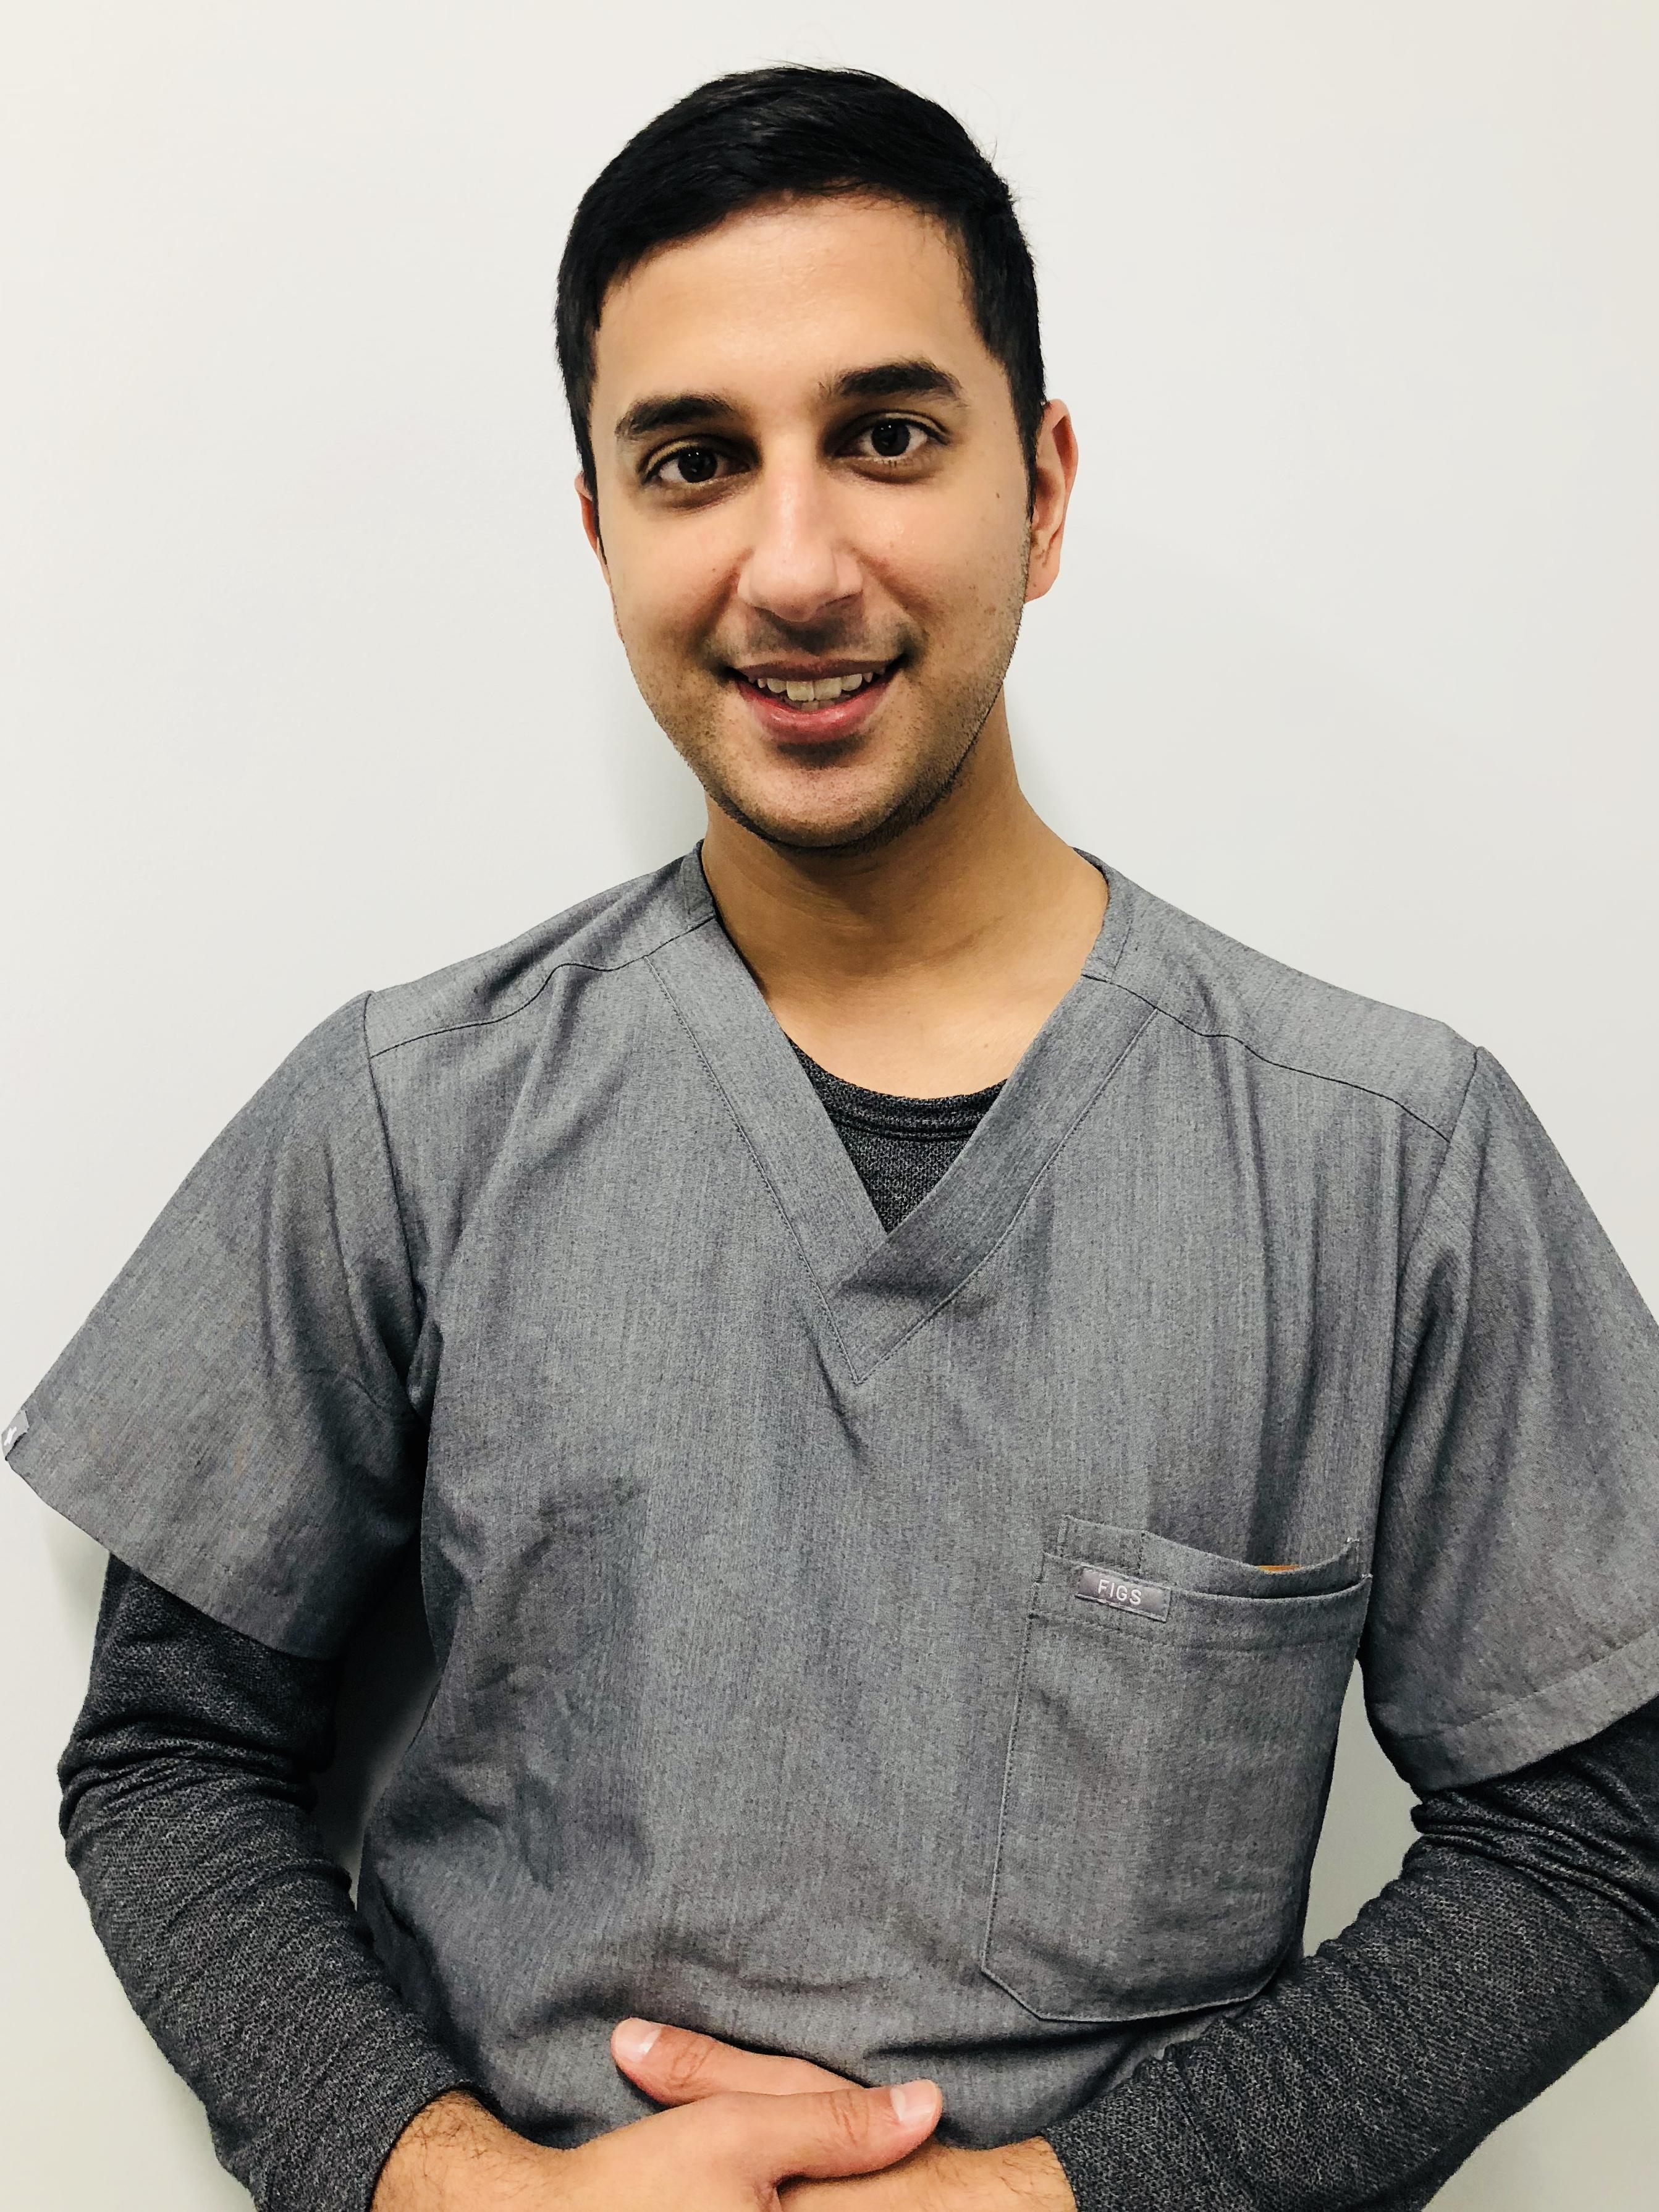 Dr. Faisal Siddiqi Top New Jersey Vein Doctor